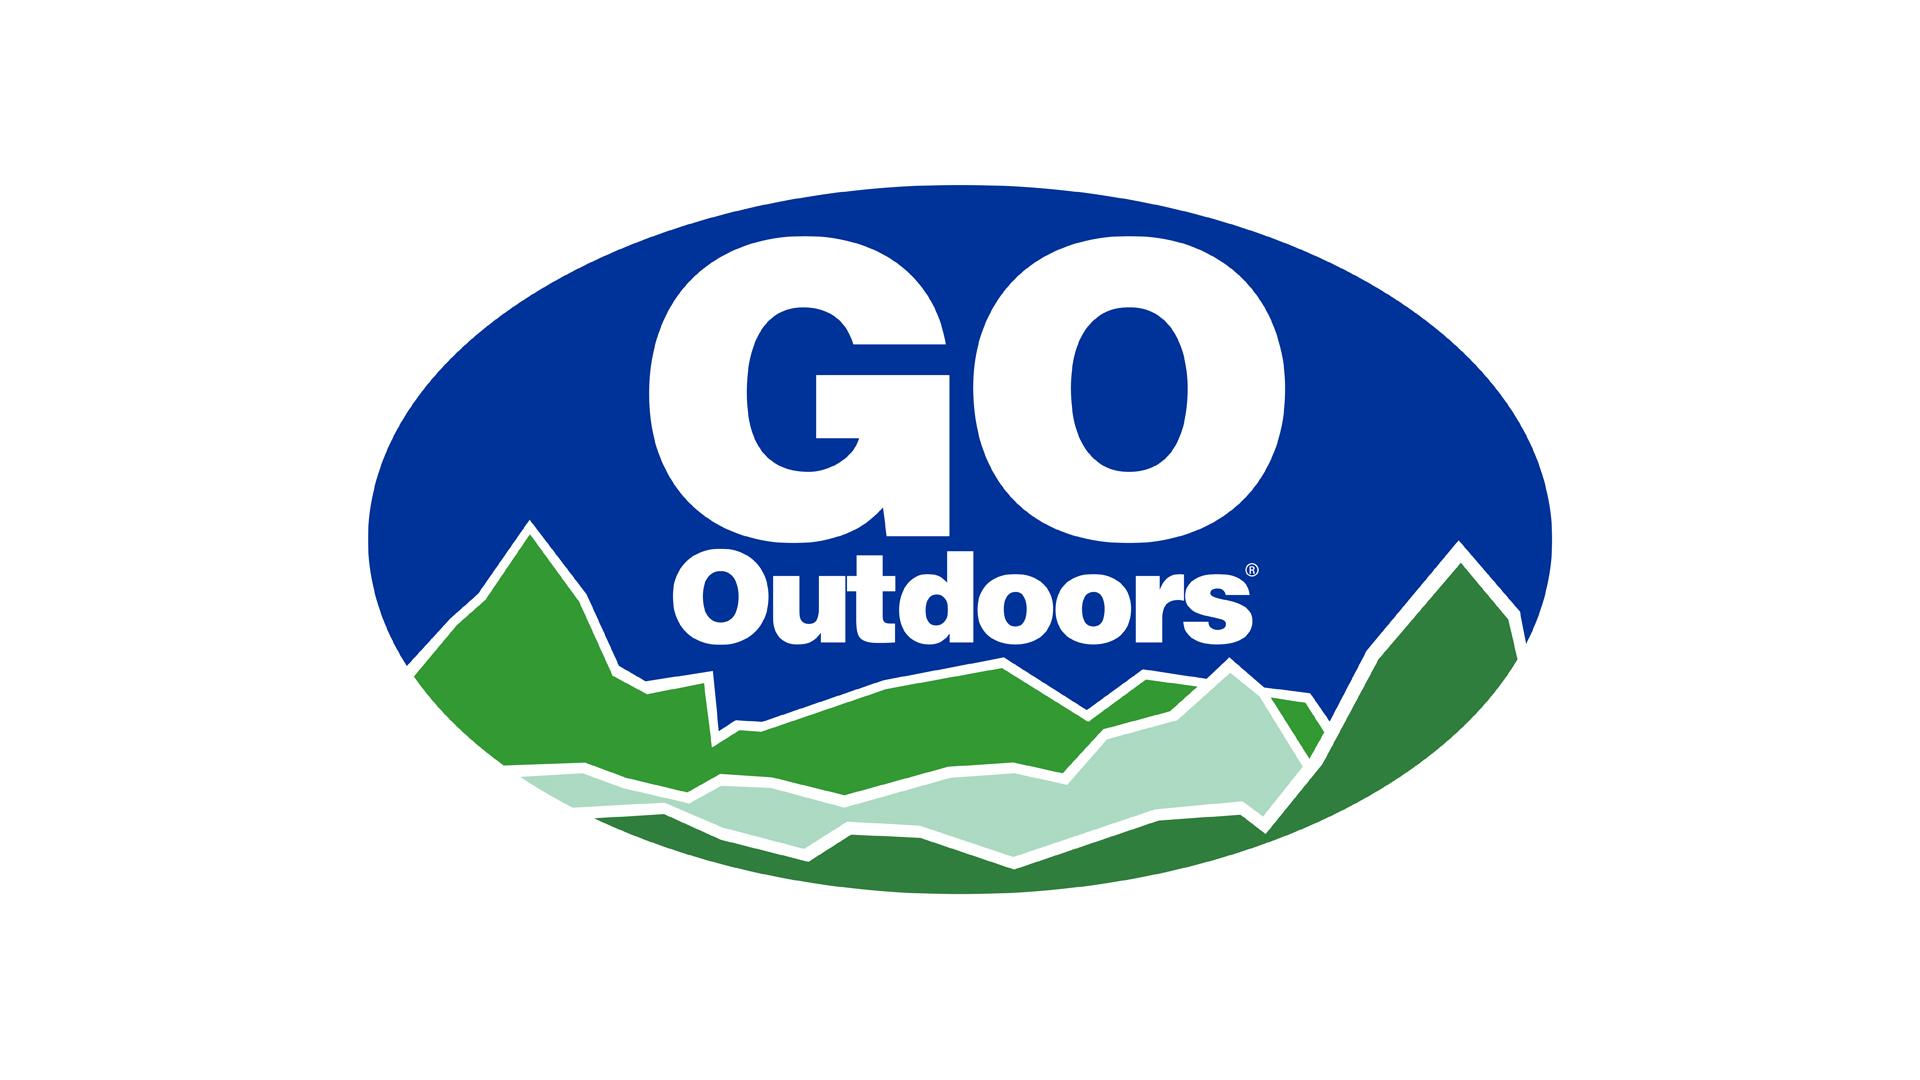 gooutdoors